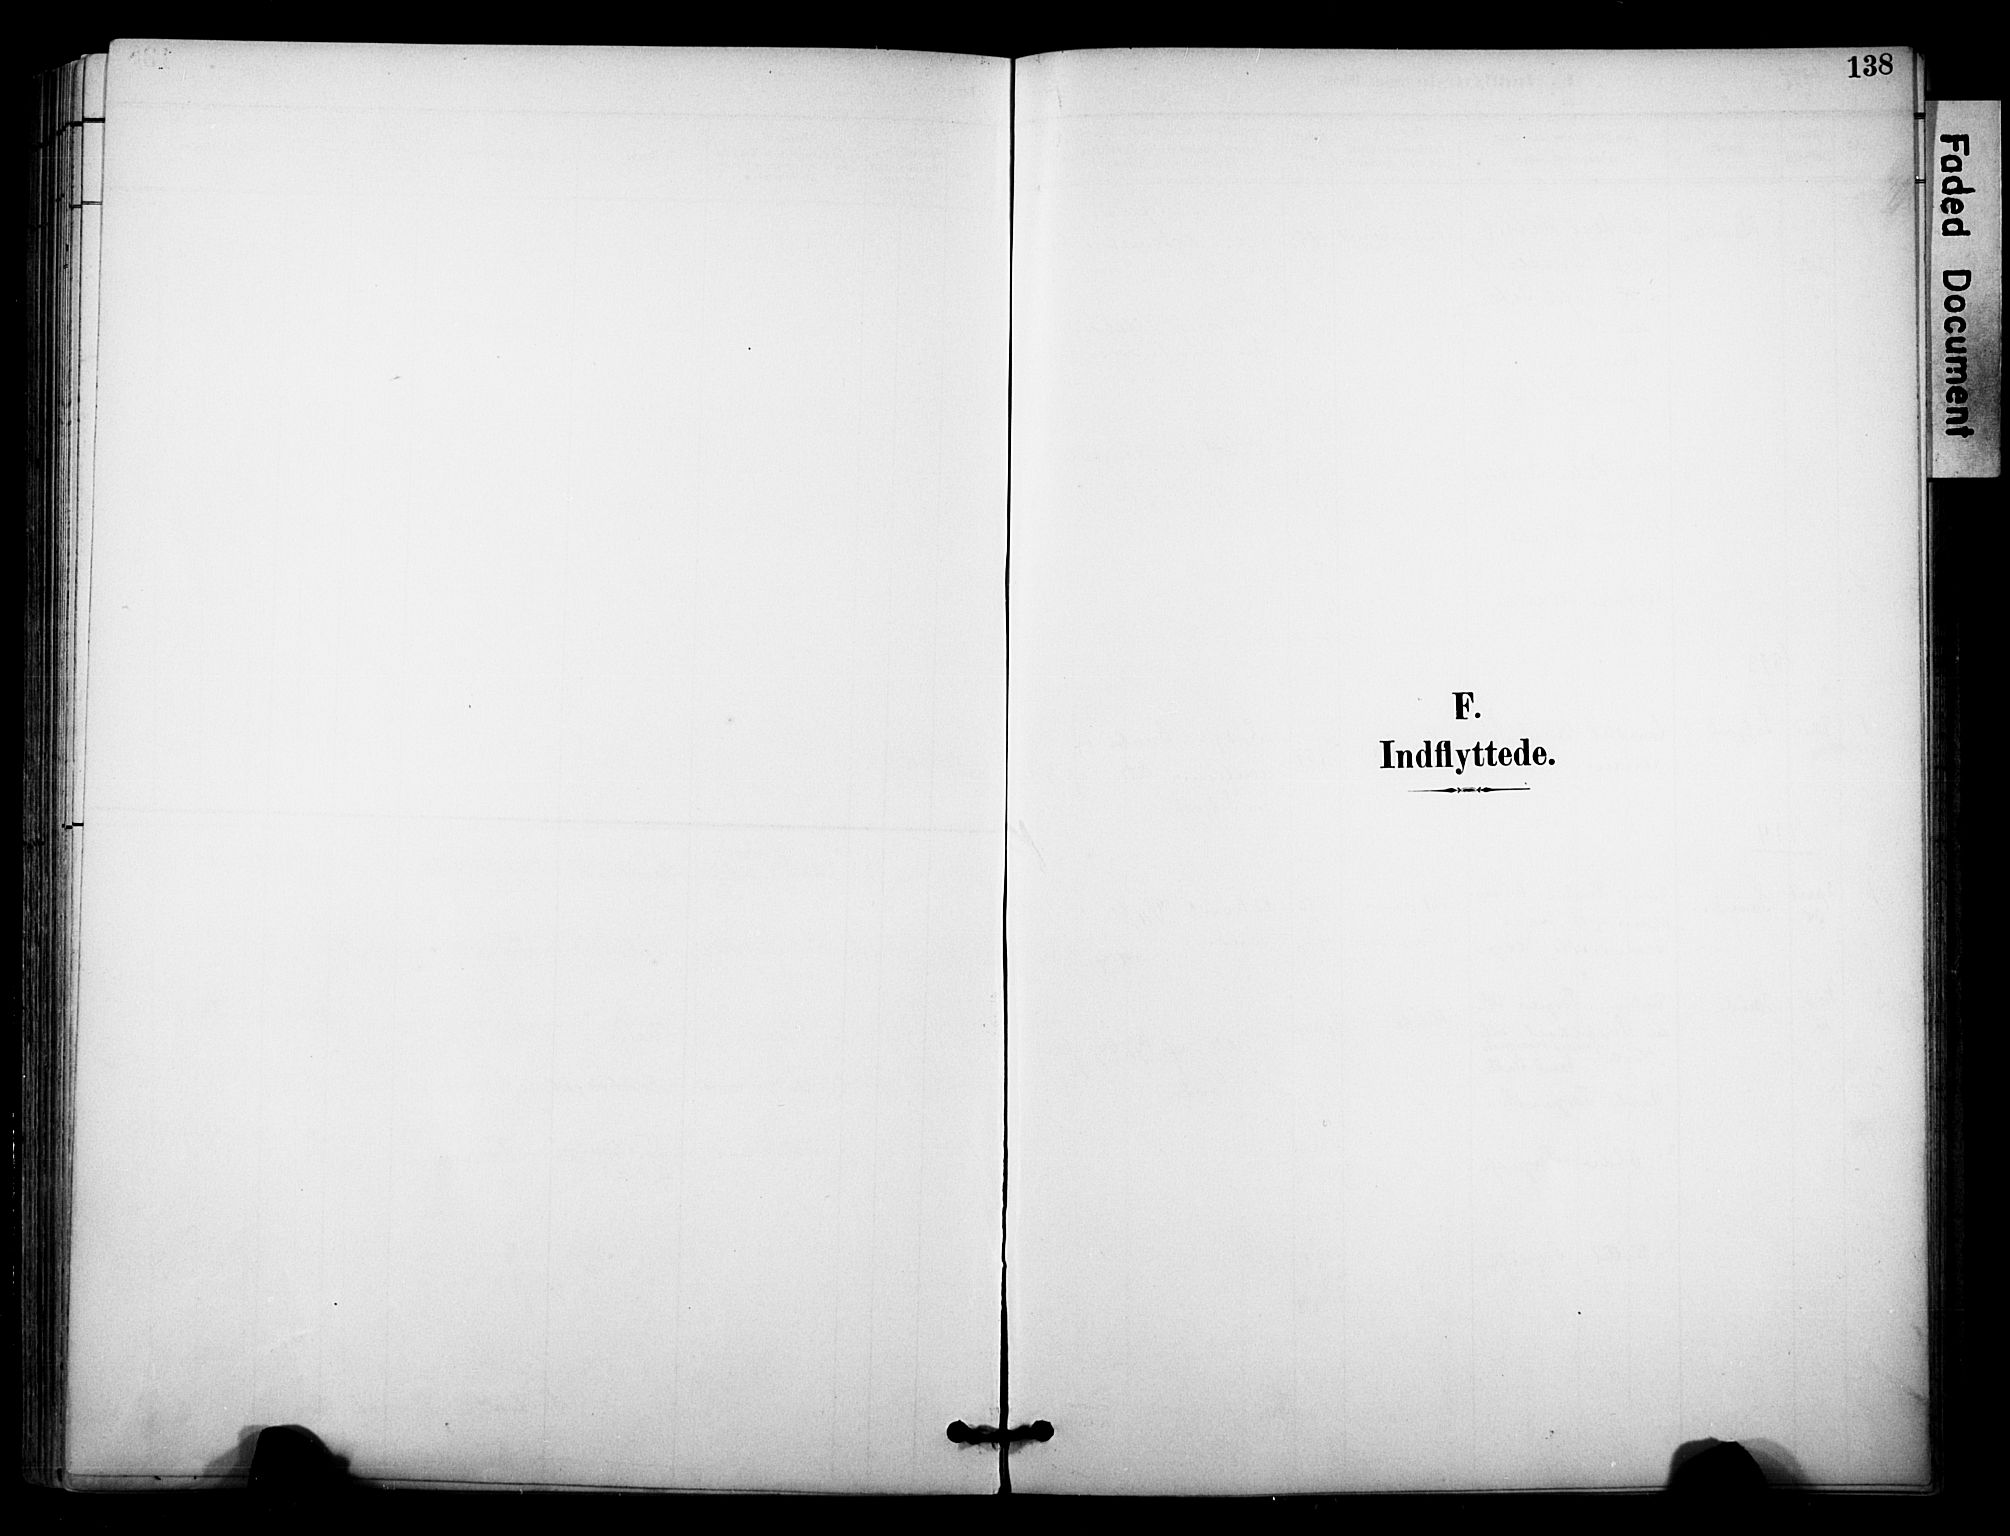 SAKO, Bø kirkebøker, F/Fa/L0011: Ministerialbok nr. 11, 1892-1900, s. 138